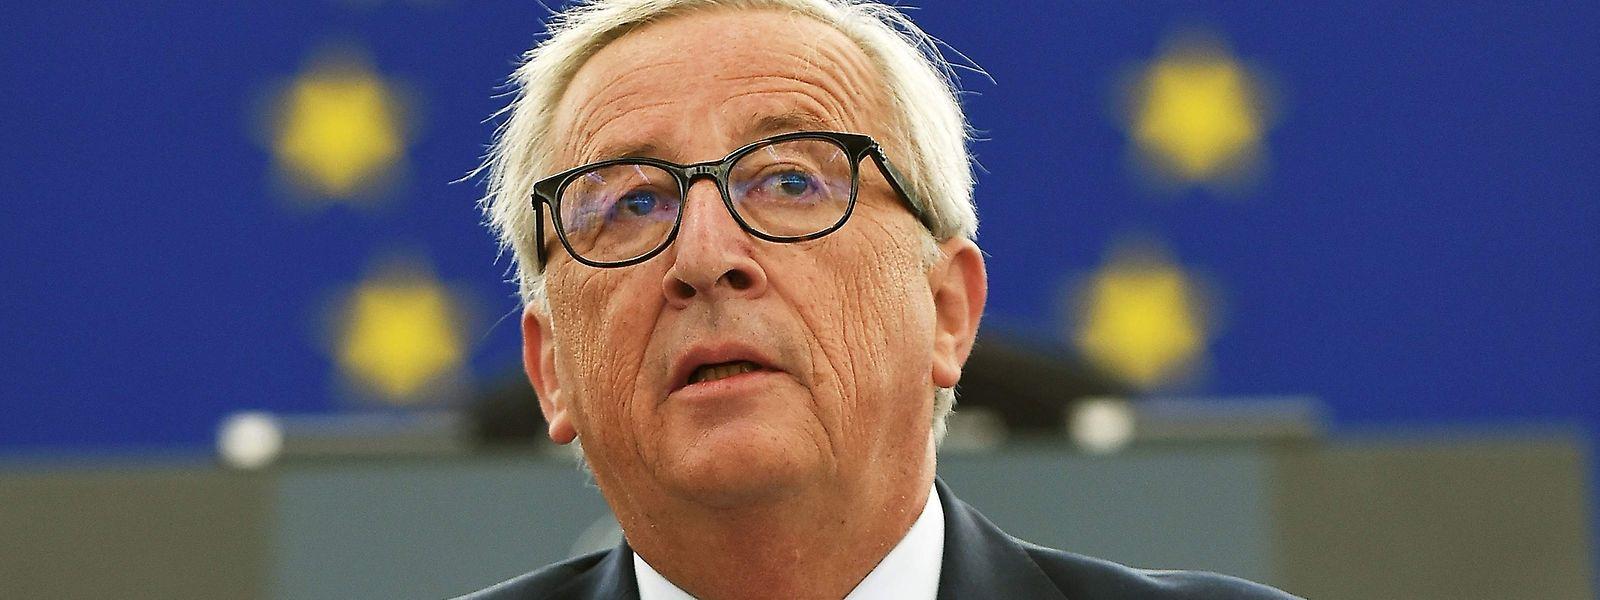 Noch-Kommissionschef Jean-Claude Juncker. Sein aktueller Posten ist heiß begehrt.